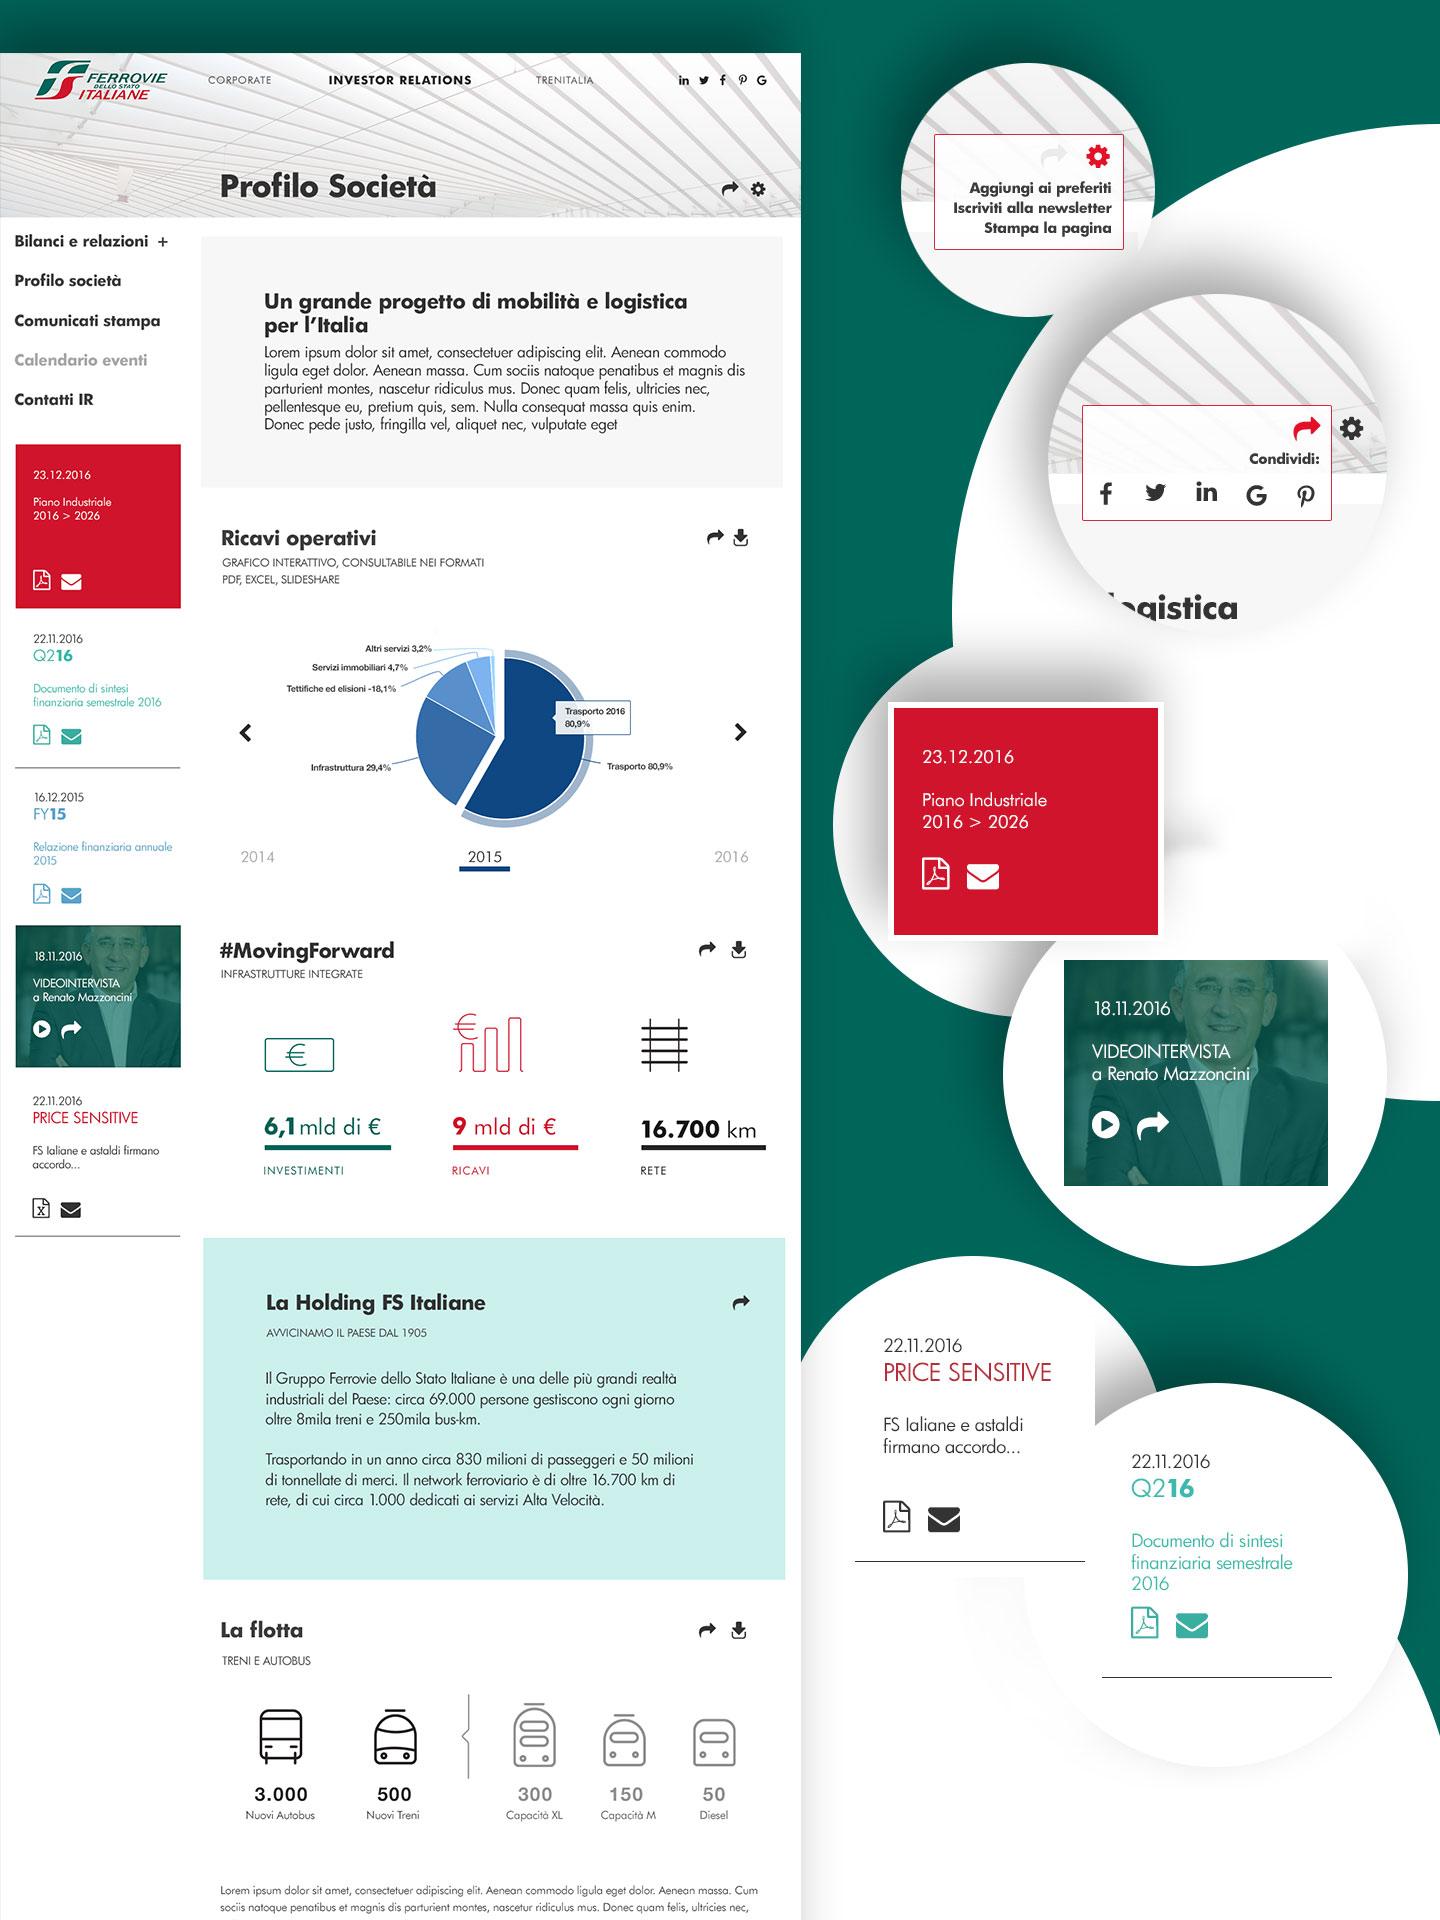 investor relations FS grafico milano profilo